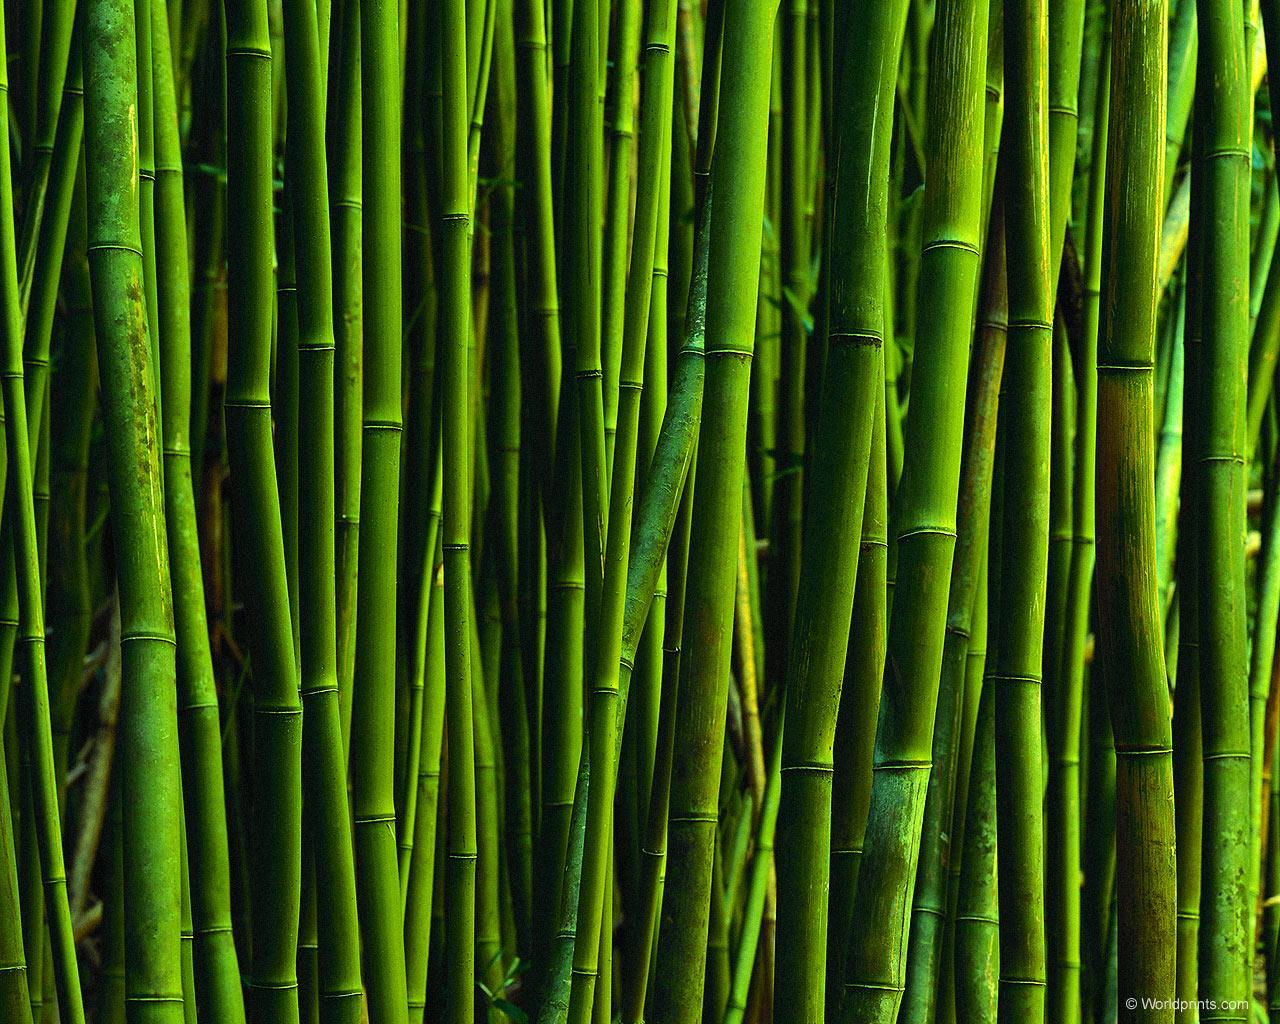 Textured Wallpaper Bamboo